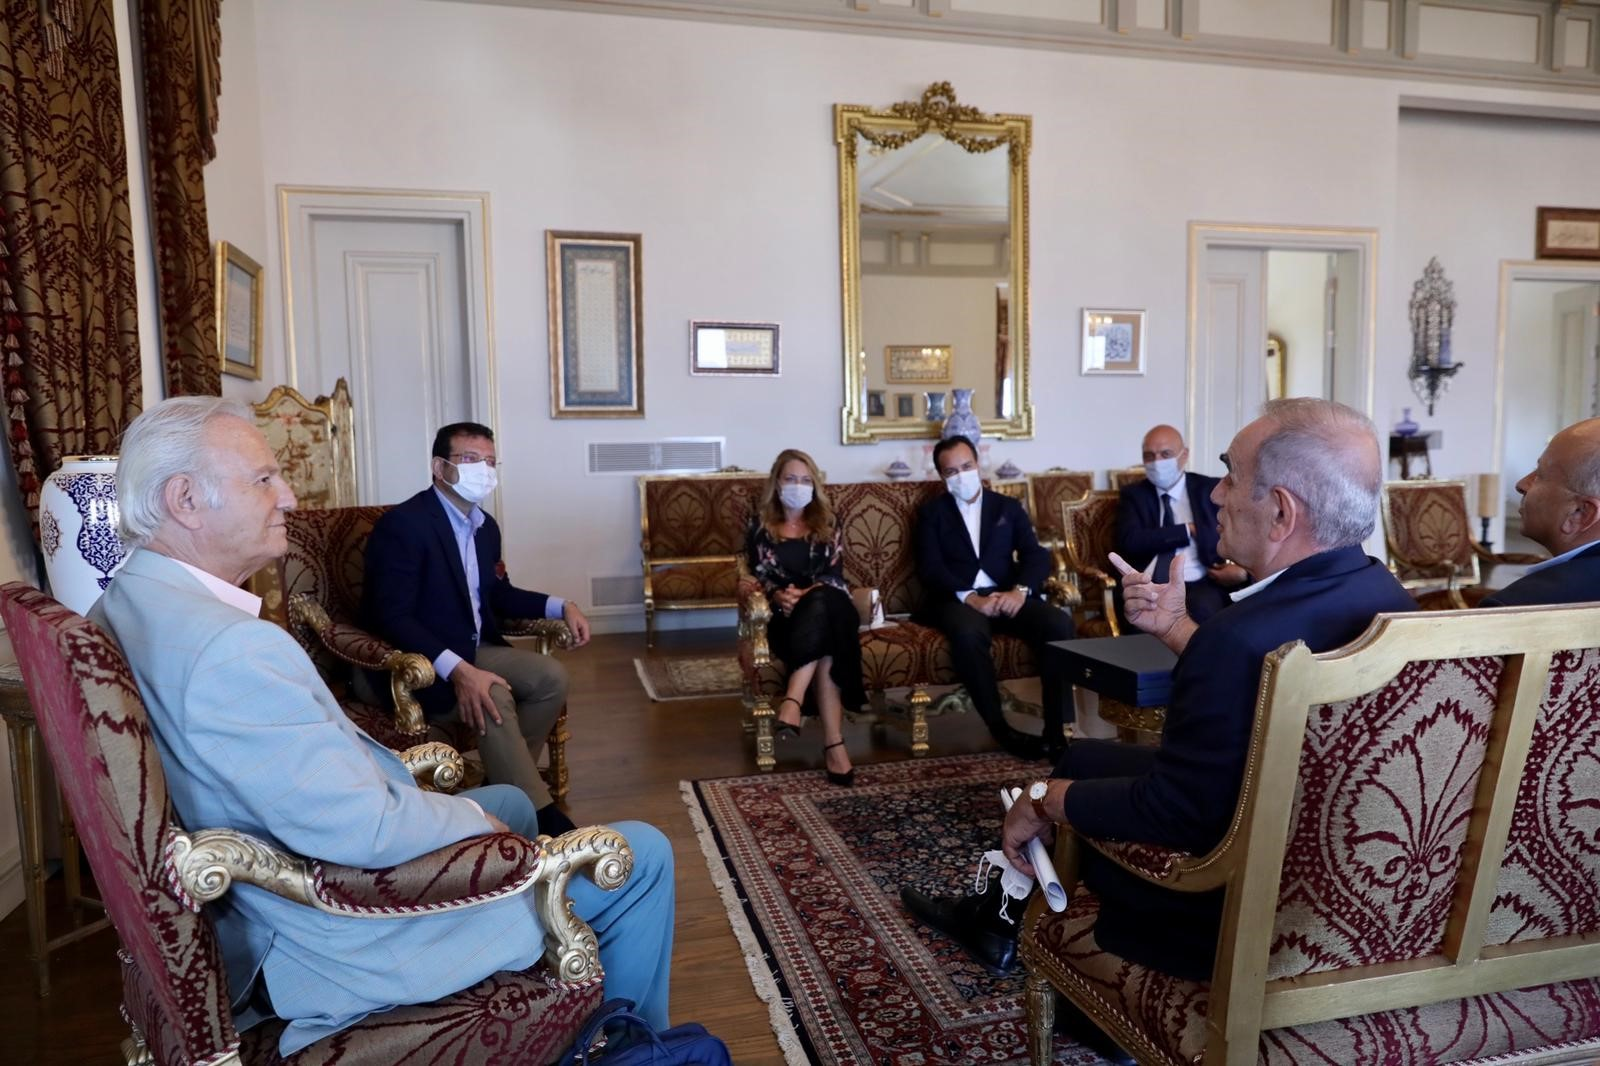 İBB Başkanı Sn. Ekrem İmamoğlu ile görüşmemizden